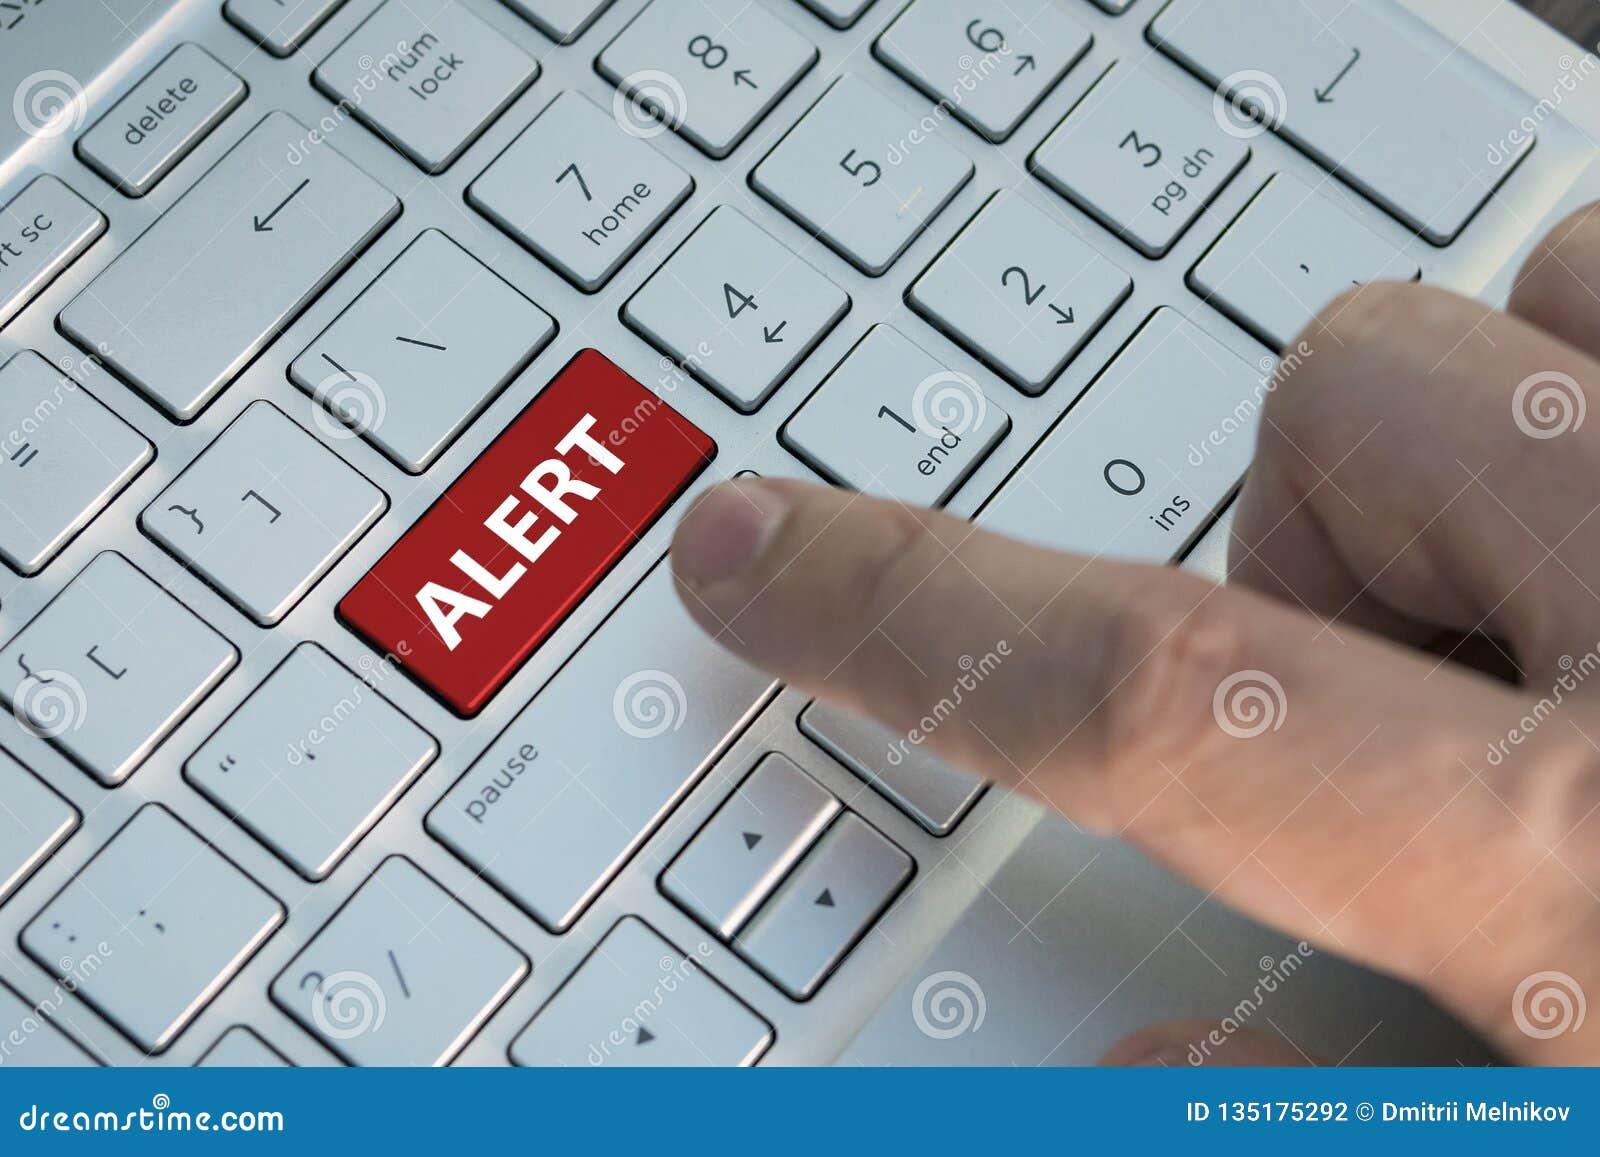 Palabra alerta en el botón rojo del teclado, ansiedad, preocupación, intranquilidad, inquietud, inquietud, disquietude